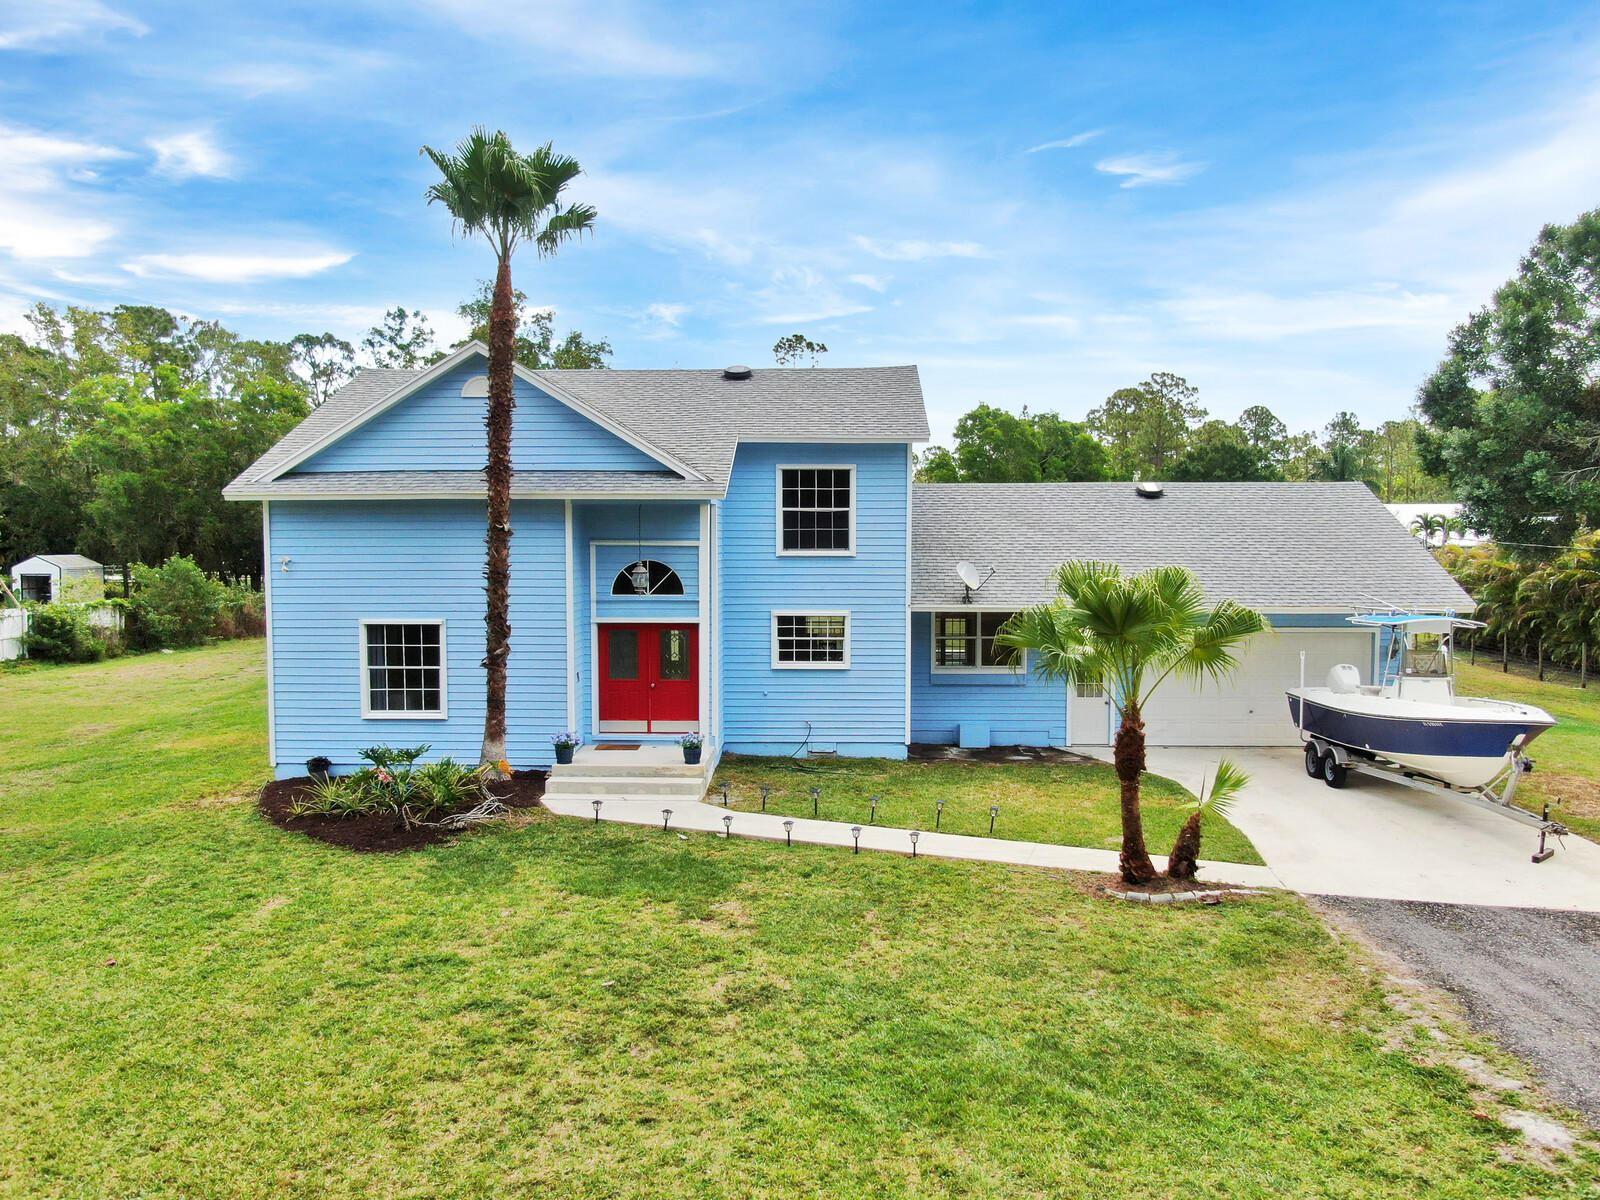 16424 121st Terrace N, Jupiter, FL 33478 - #: RX-10711899